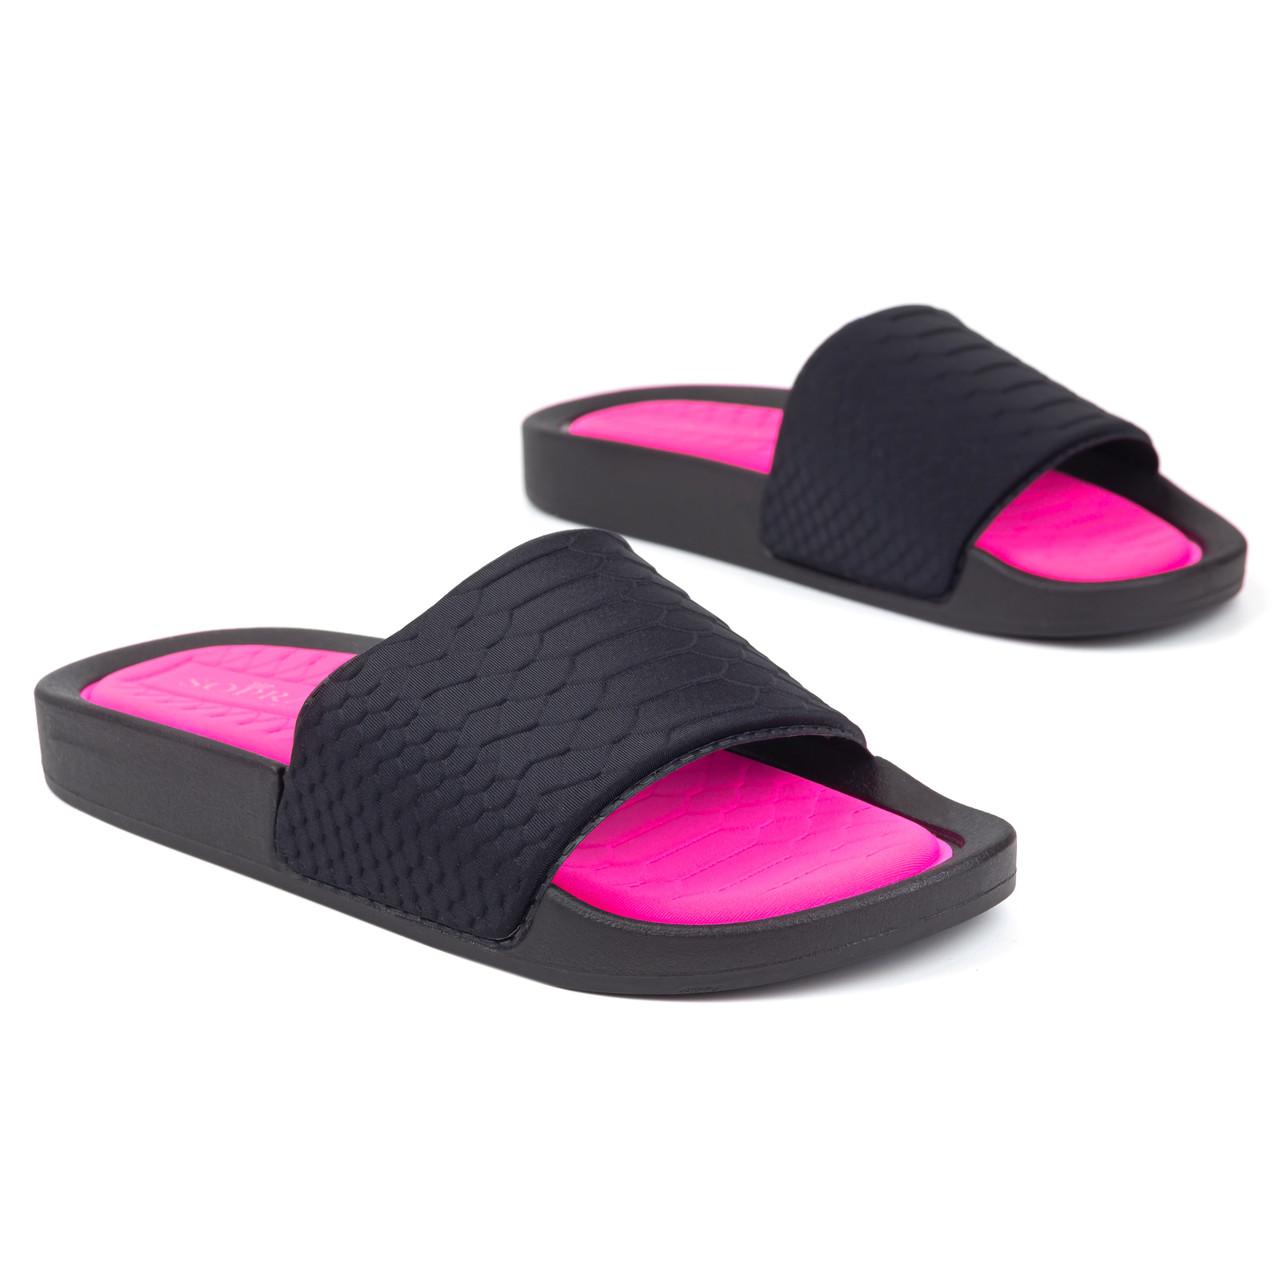 Шлепанцы женские Woman's heel текстильные черные (О-897)